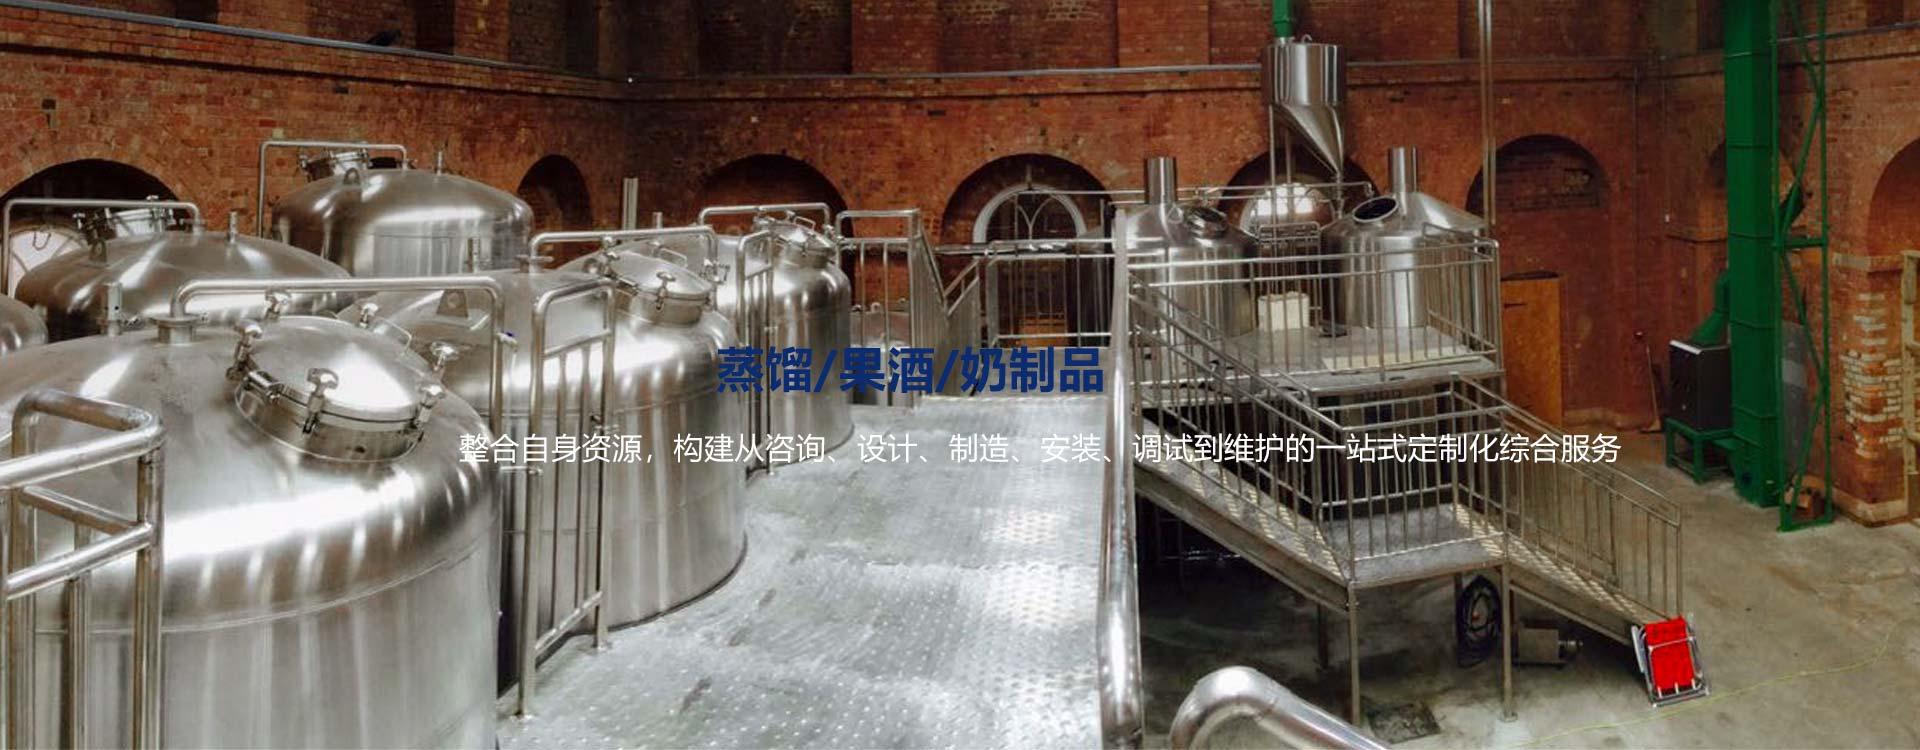 Yucheng Zeyu Machinery Co., Ltd.